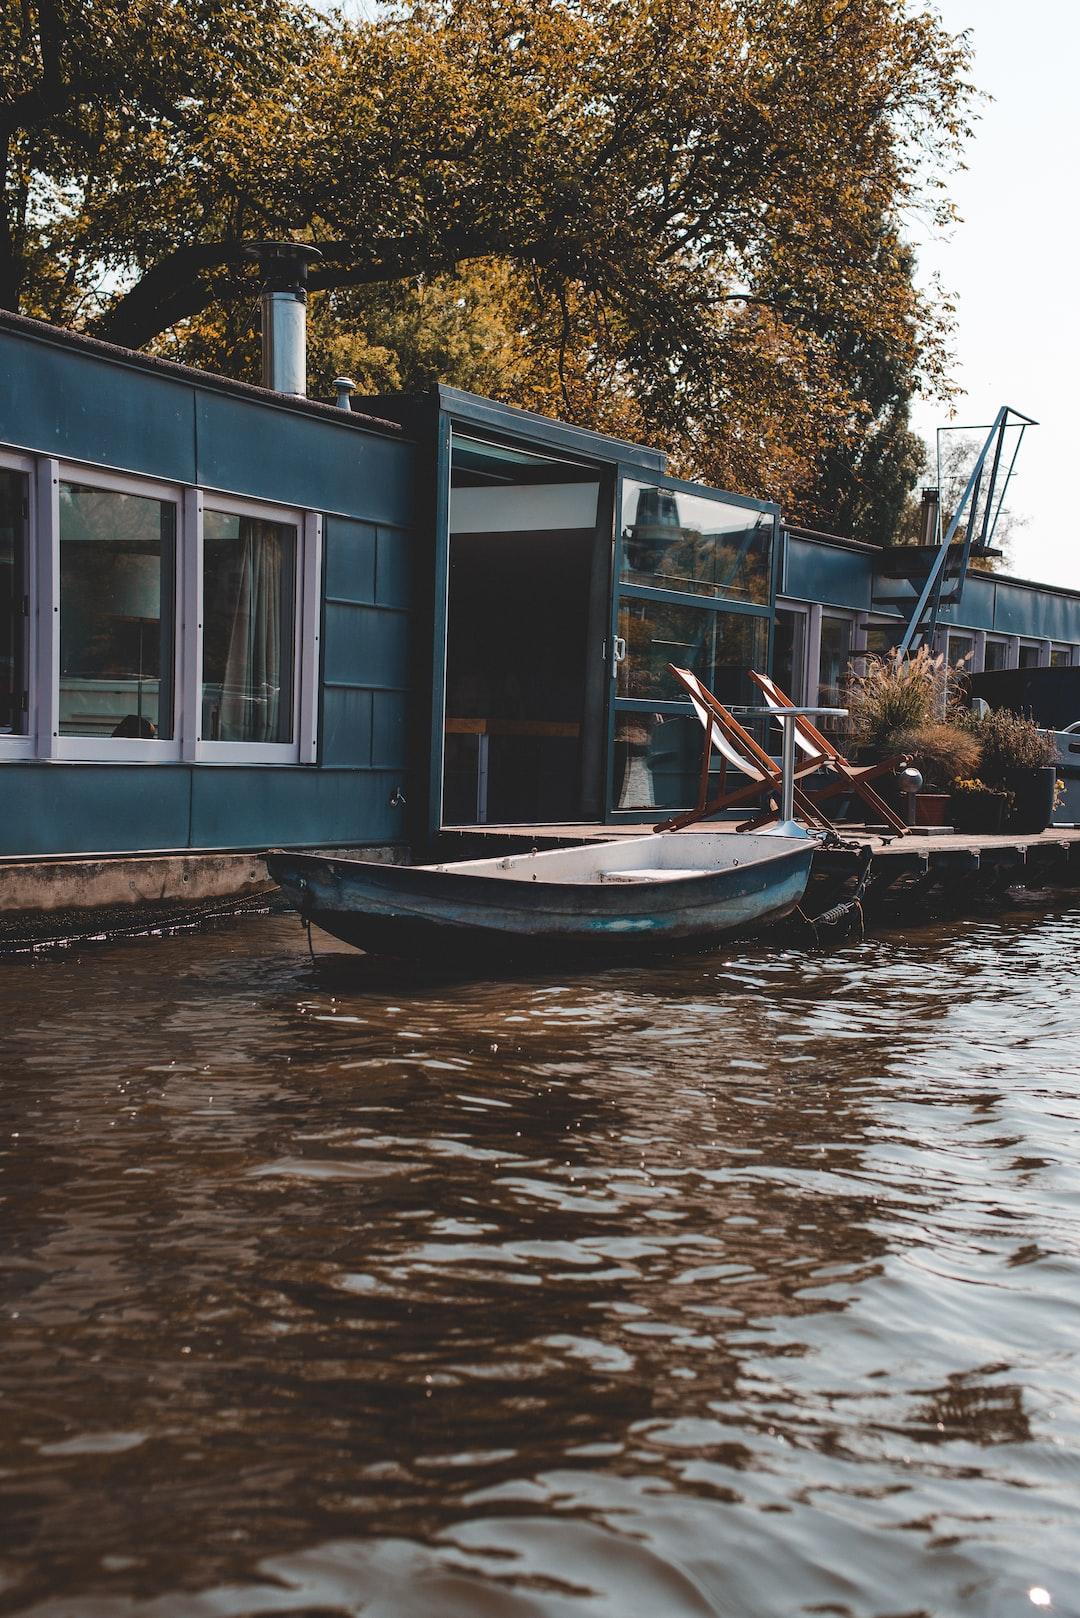 Naturaleza por los canales de Ámsterdam.